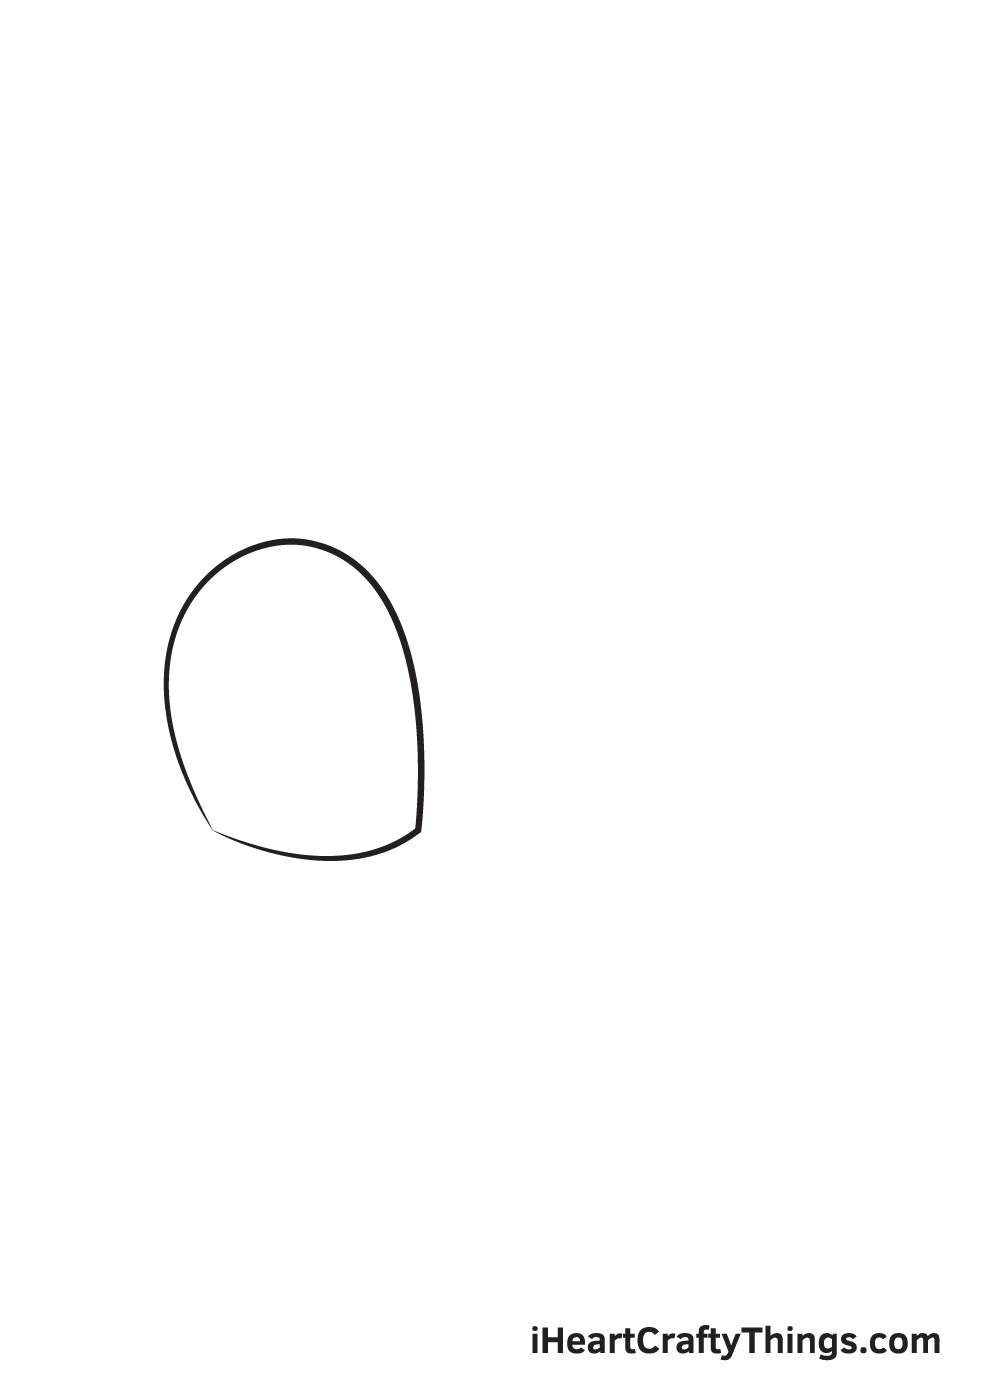 vẽ mắt dễ thương bước 1